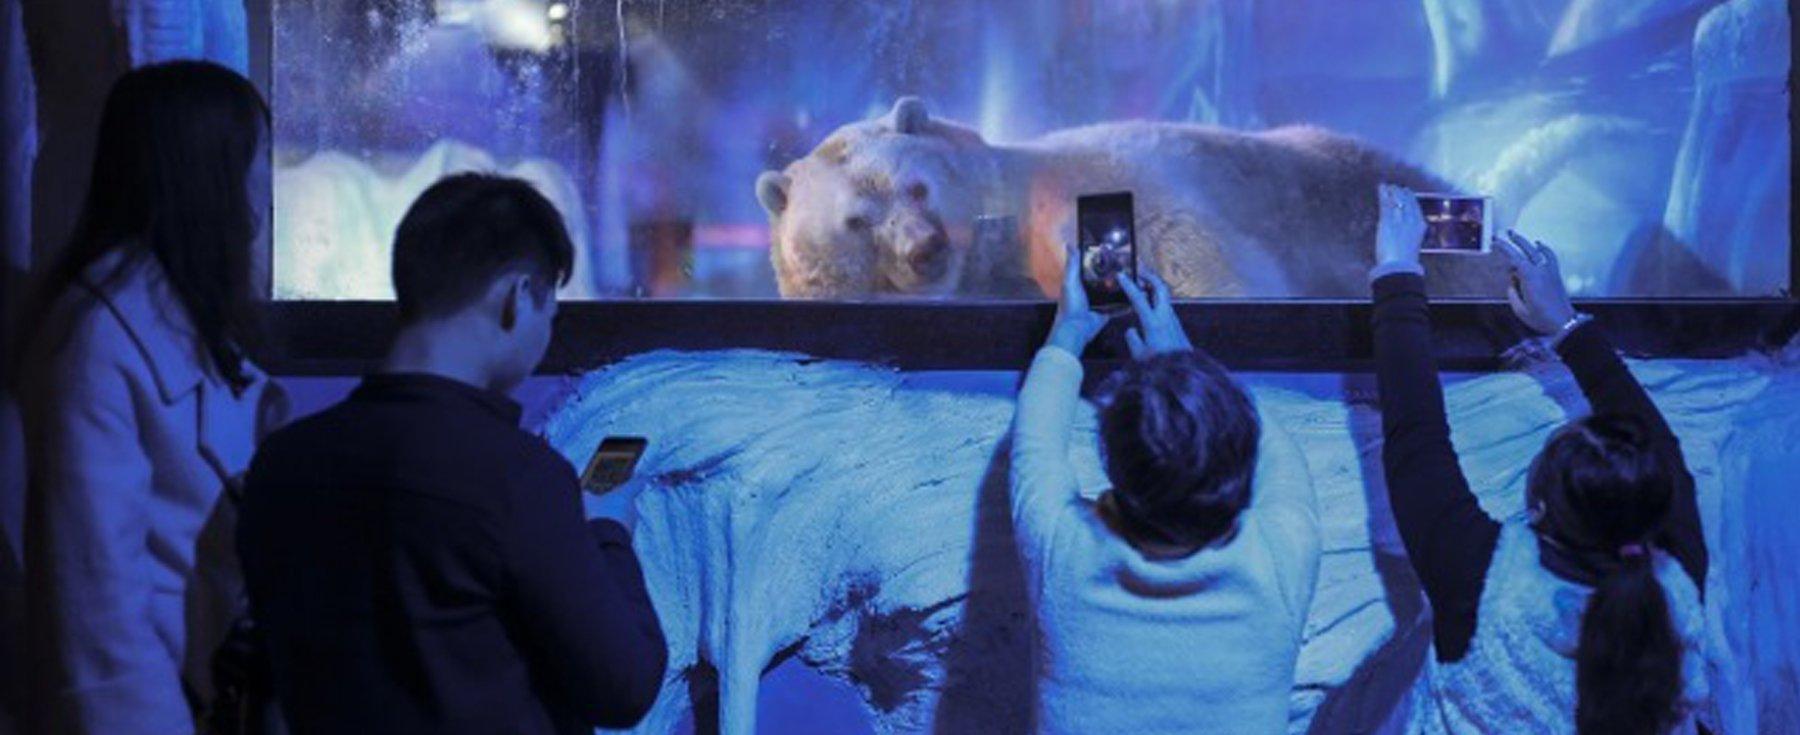 En Chine, un centre commercial exhibe des animaux dans des conditions de détention scandaleuses.